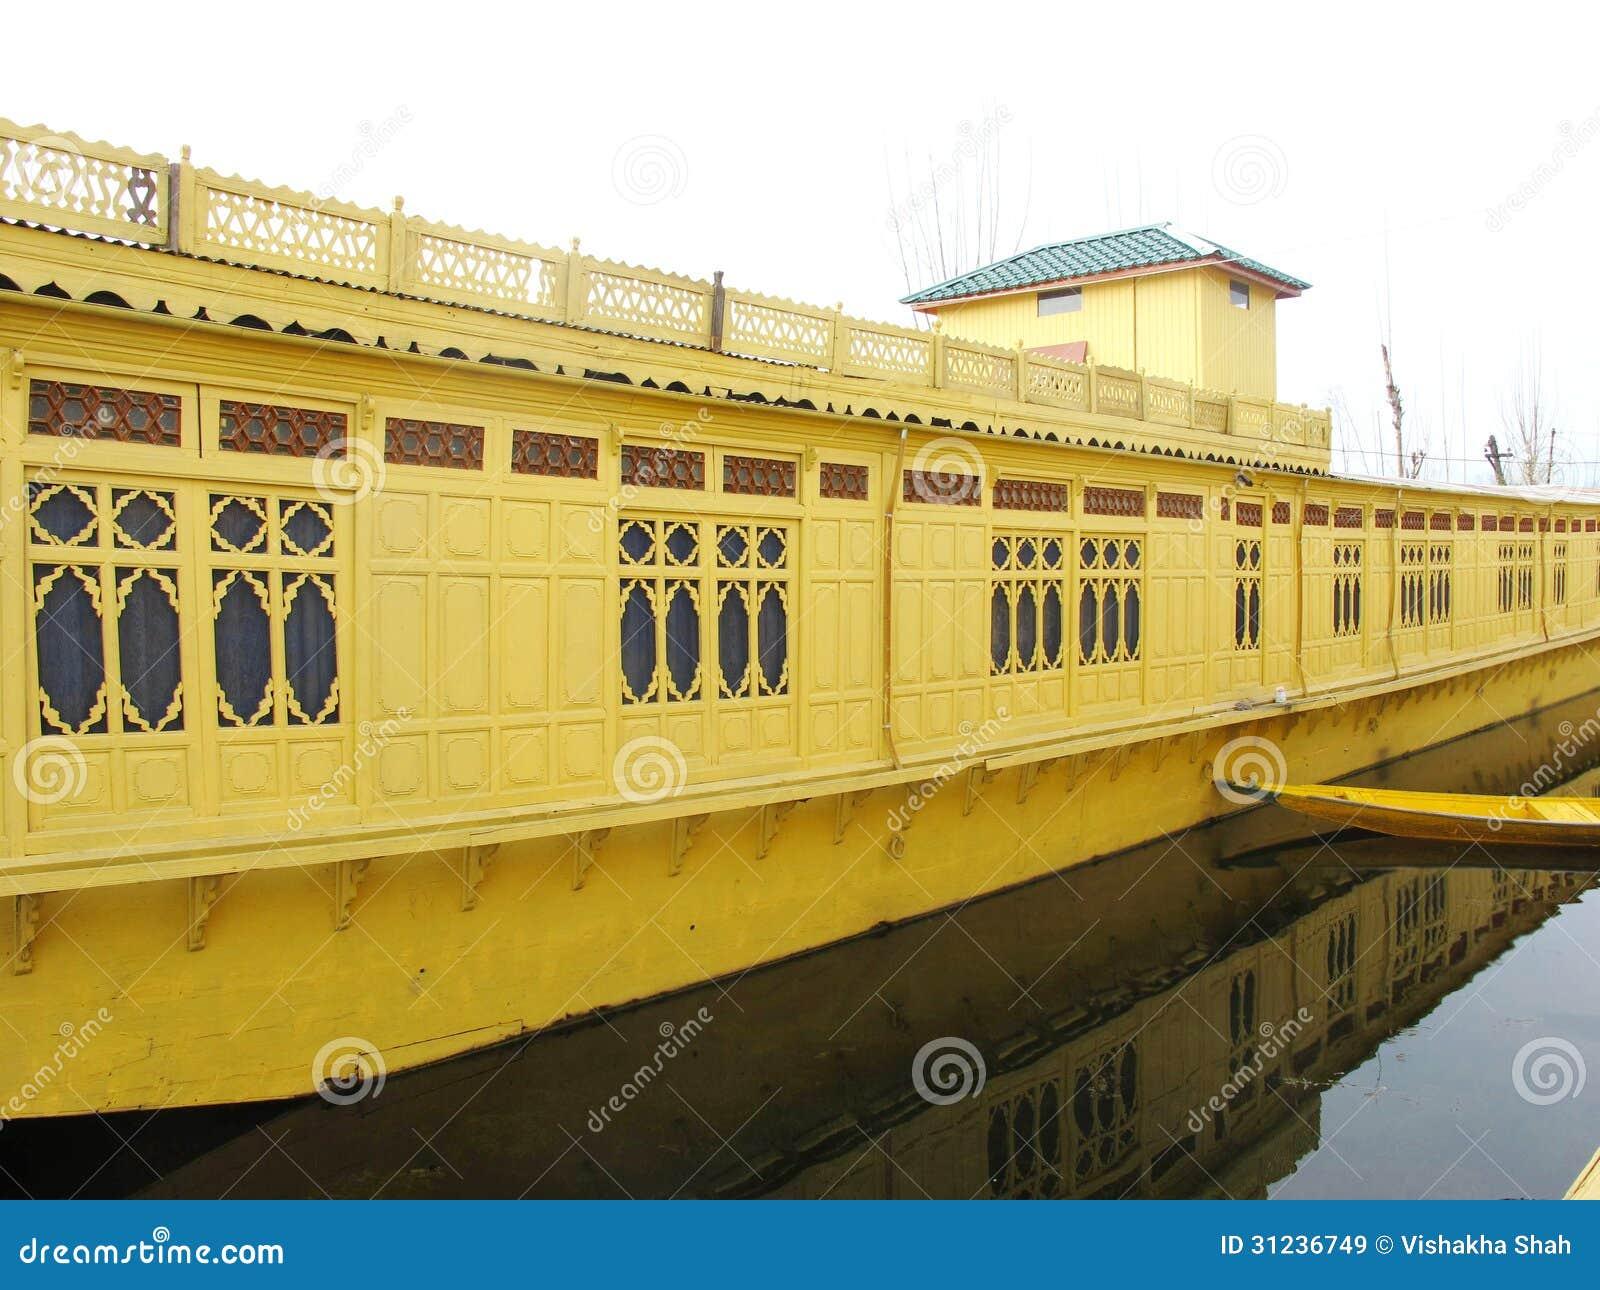 bateau maison srinagar cachemire image stock image du inde indien 31236749. Black Bedroom Furniture Sets. Home Design Ideas